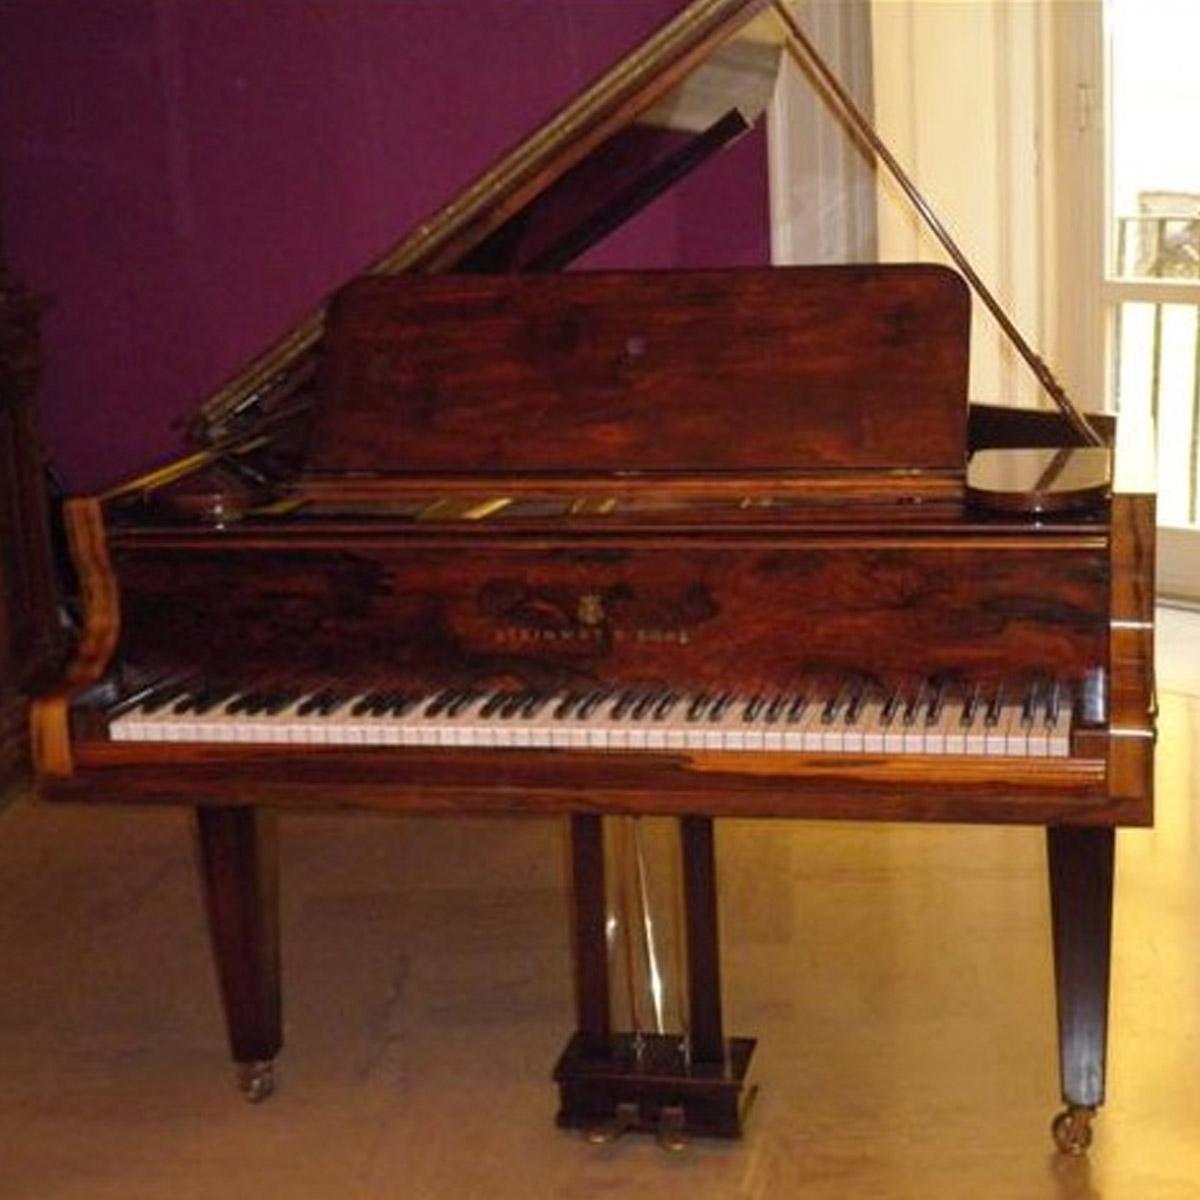 Pianoforte Steynway 3/4 coda noce - Alberto Napolitano Pianoforti Napoli